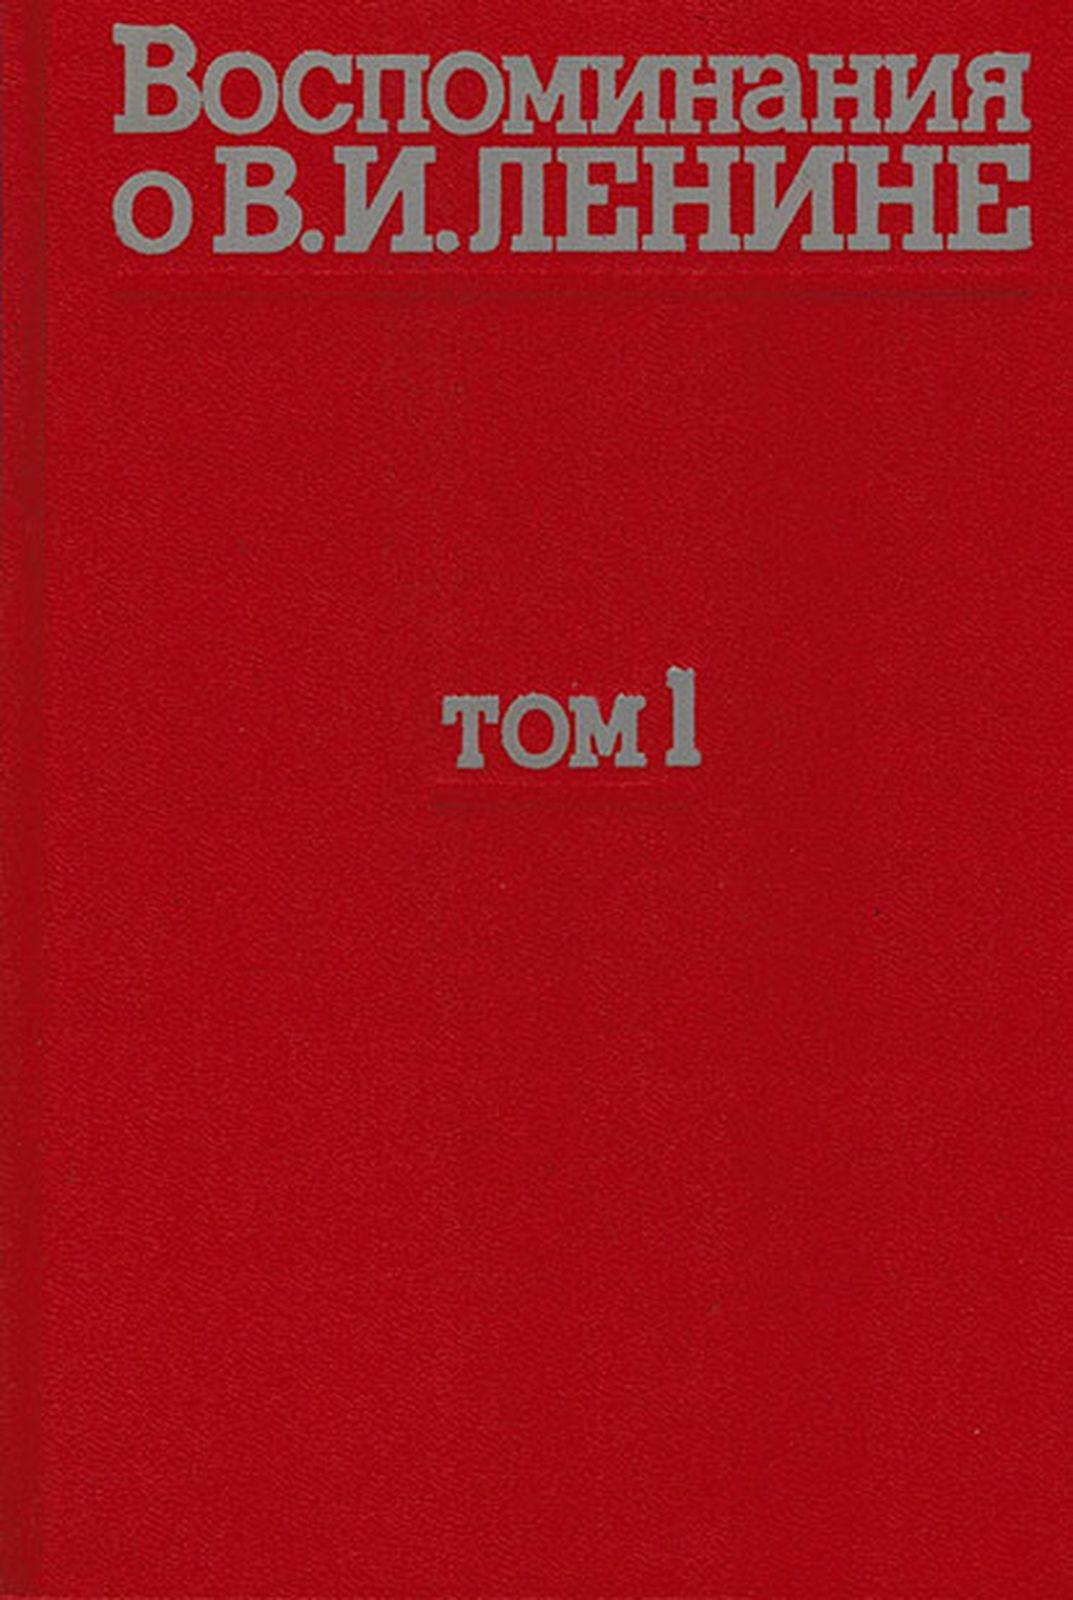 Воспоминания о В. И. Ленине. В пяти томах. Том 1 а и ульянова детские и школьные годы ильича